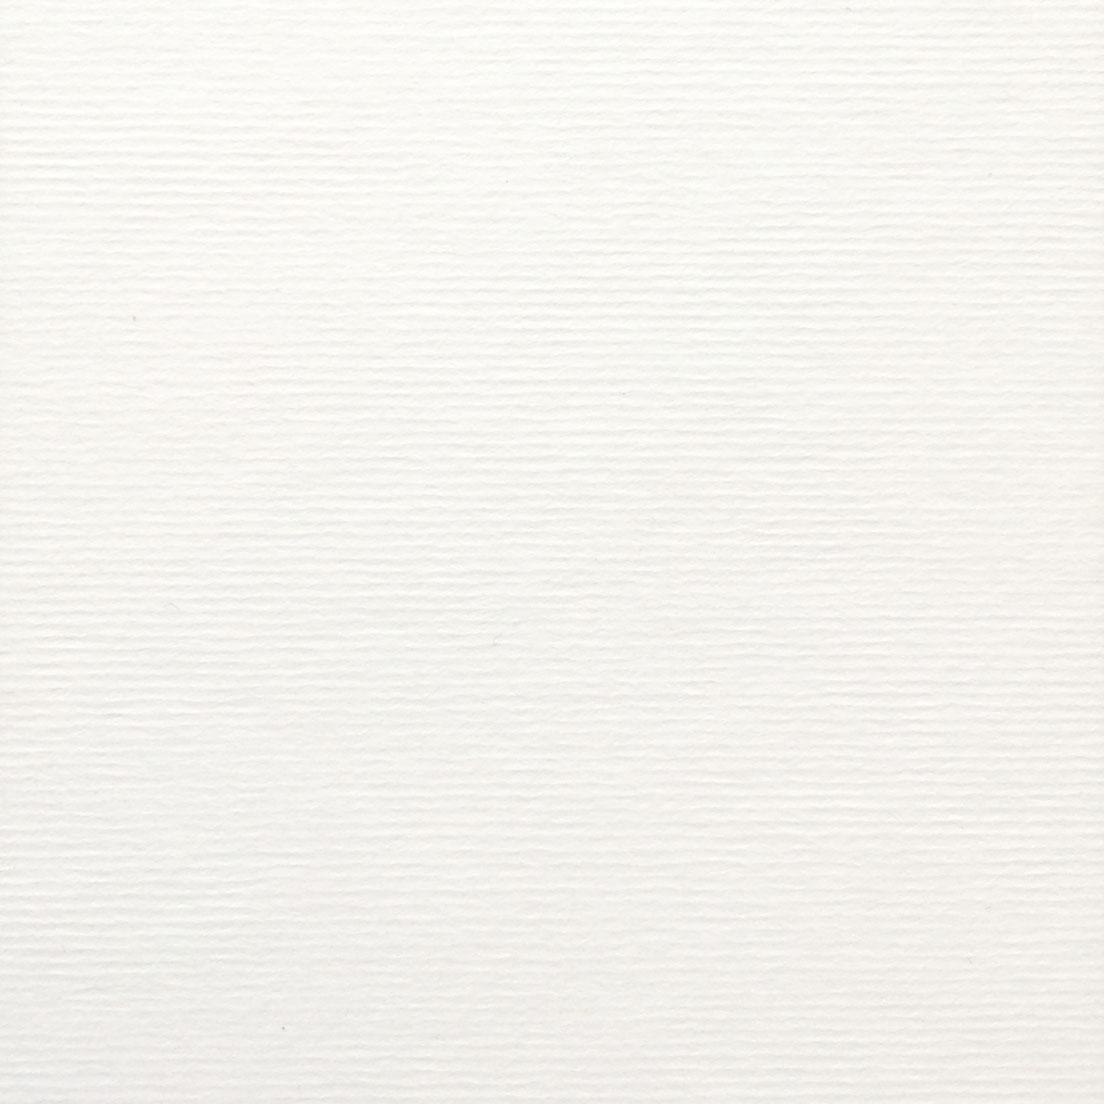 2,3 mm Standard-Passepartout mit individuellem Ausschnitt 10x15 cm | Arktisweiß